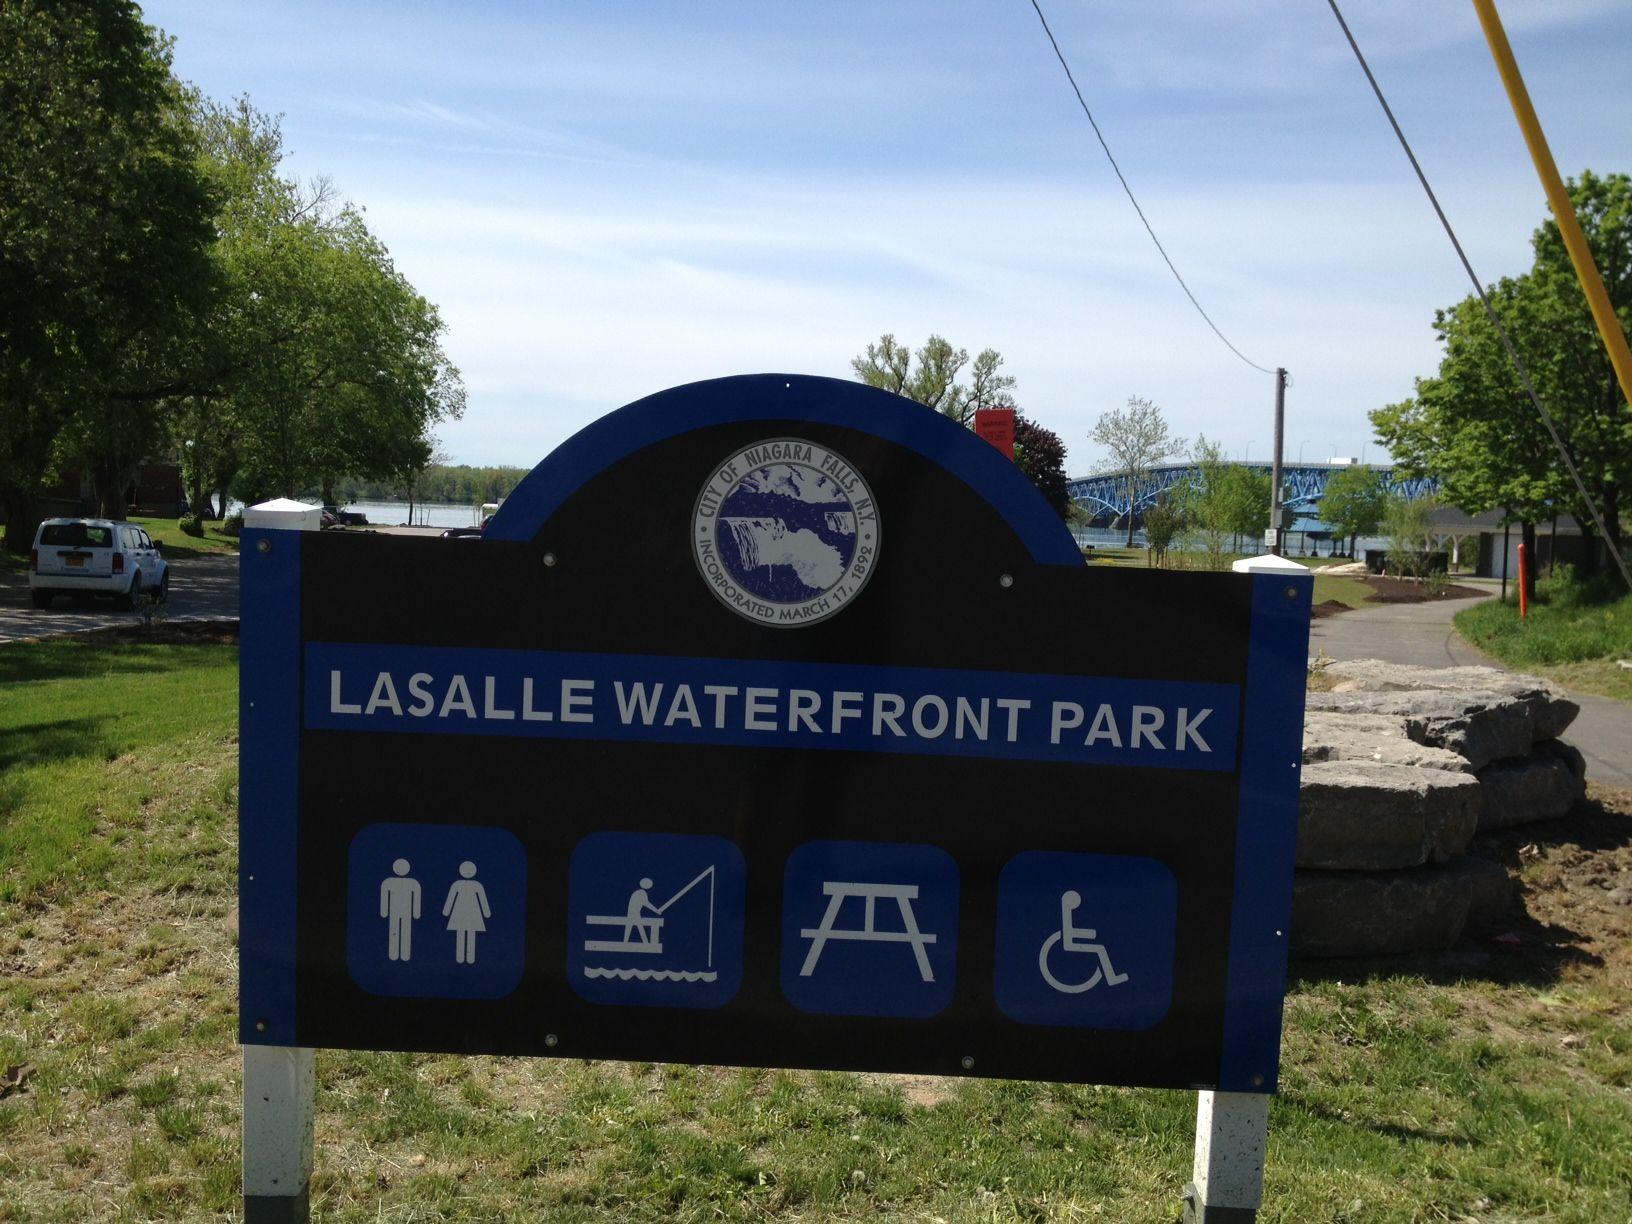 Lasalle waterfront park niagara falls ny along the